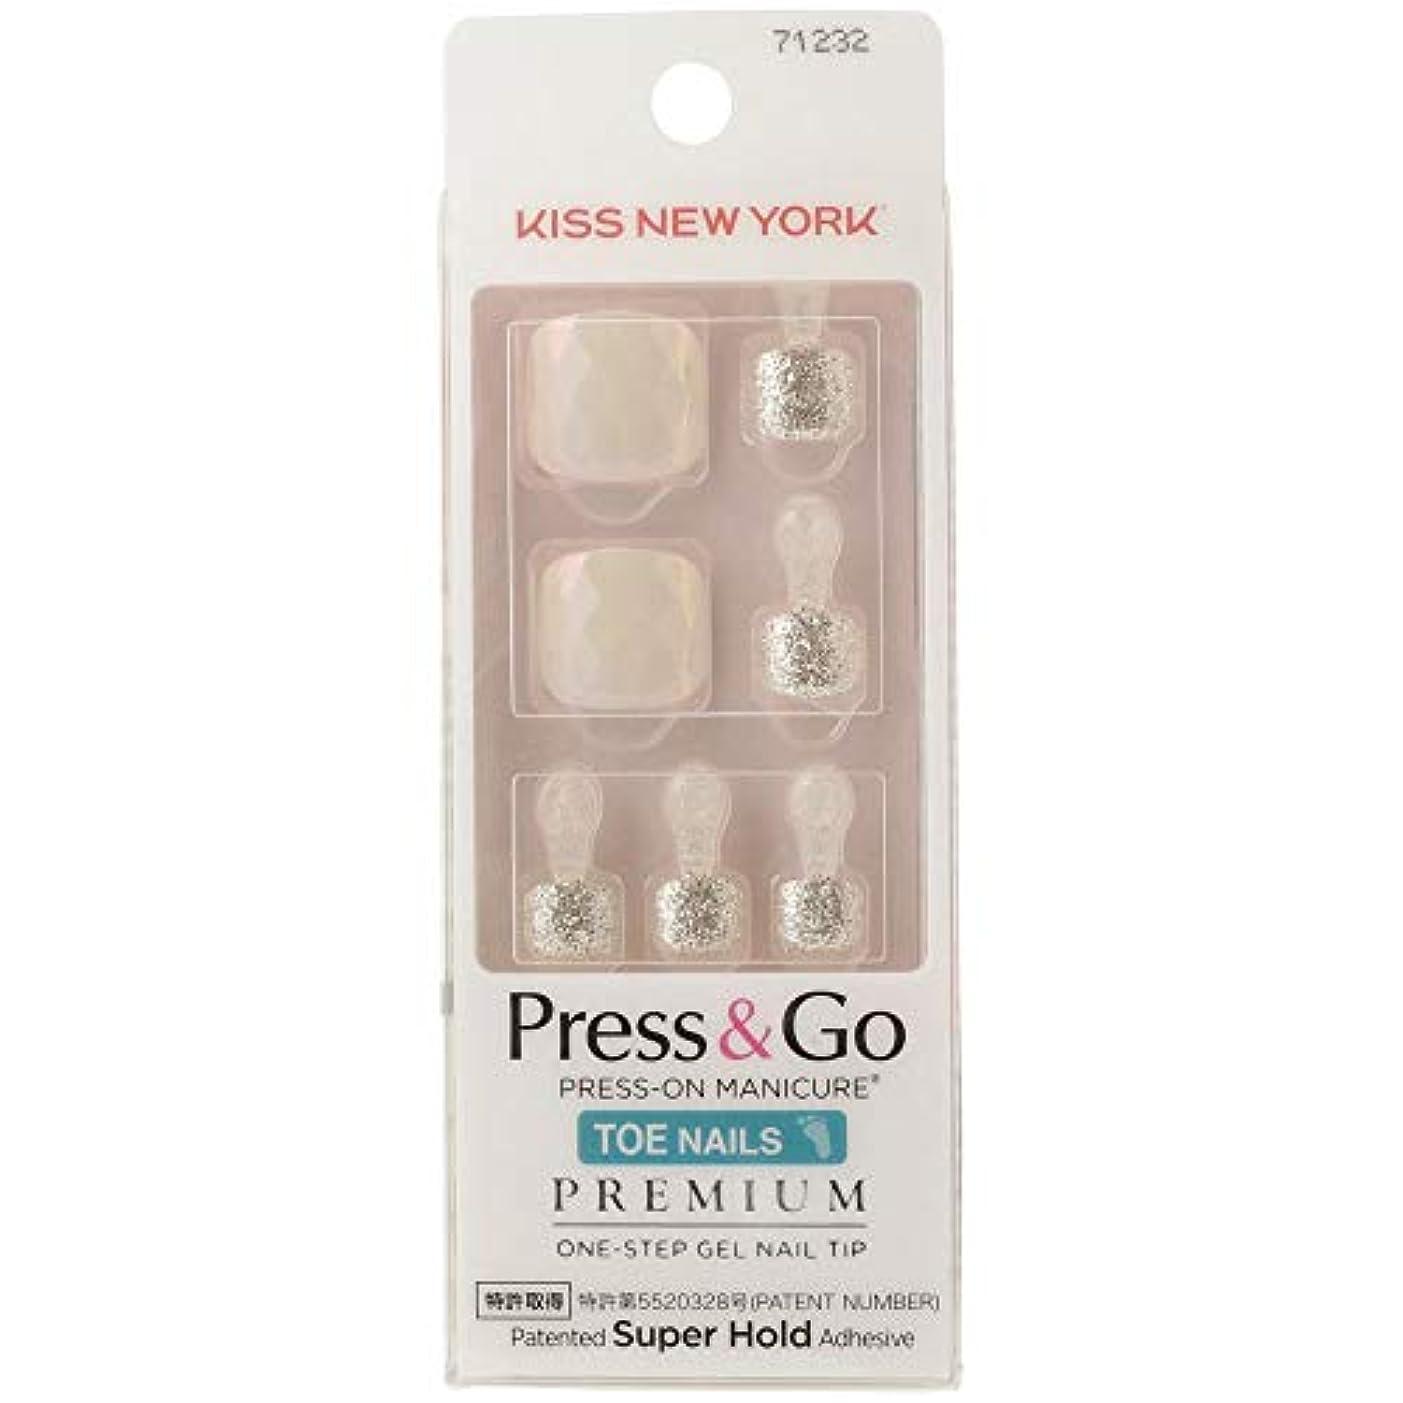 モーター電話王朝キスニューヨーク (KISS NEW YORK) KISS NEWYORK フットネイルチップPress&Go BHJT10J 18g